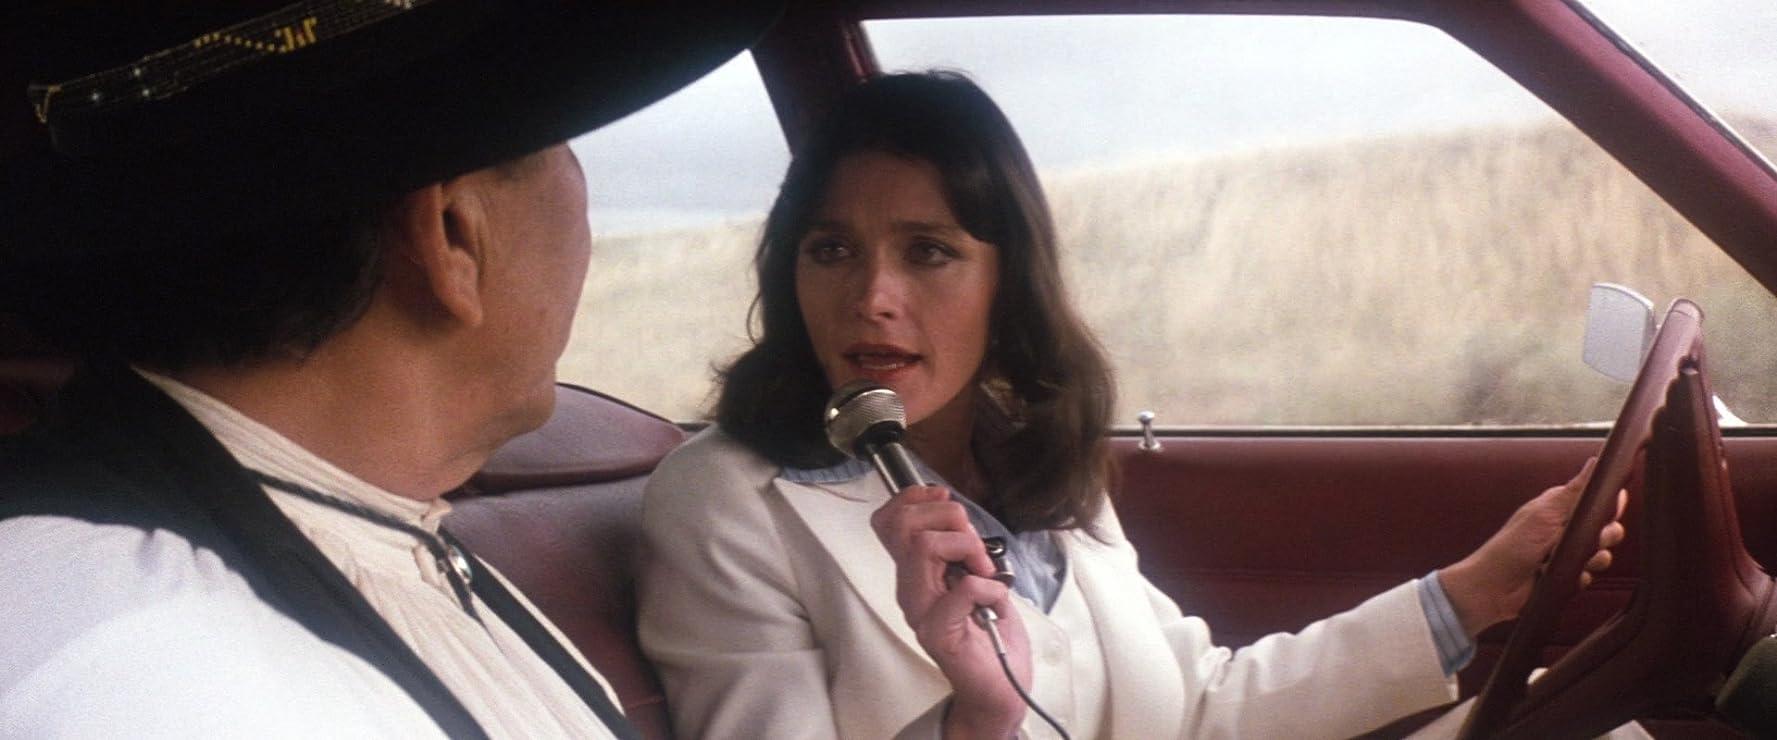 Margot Kidder in Superman (1978)